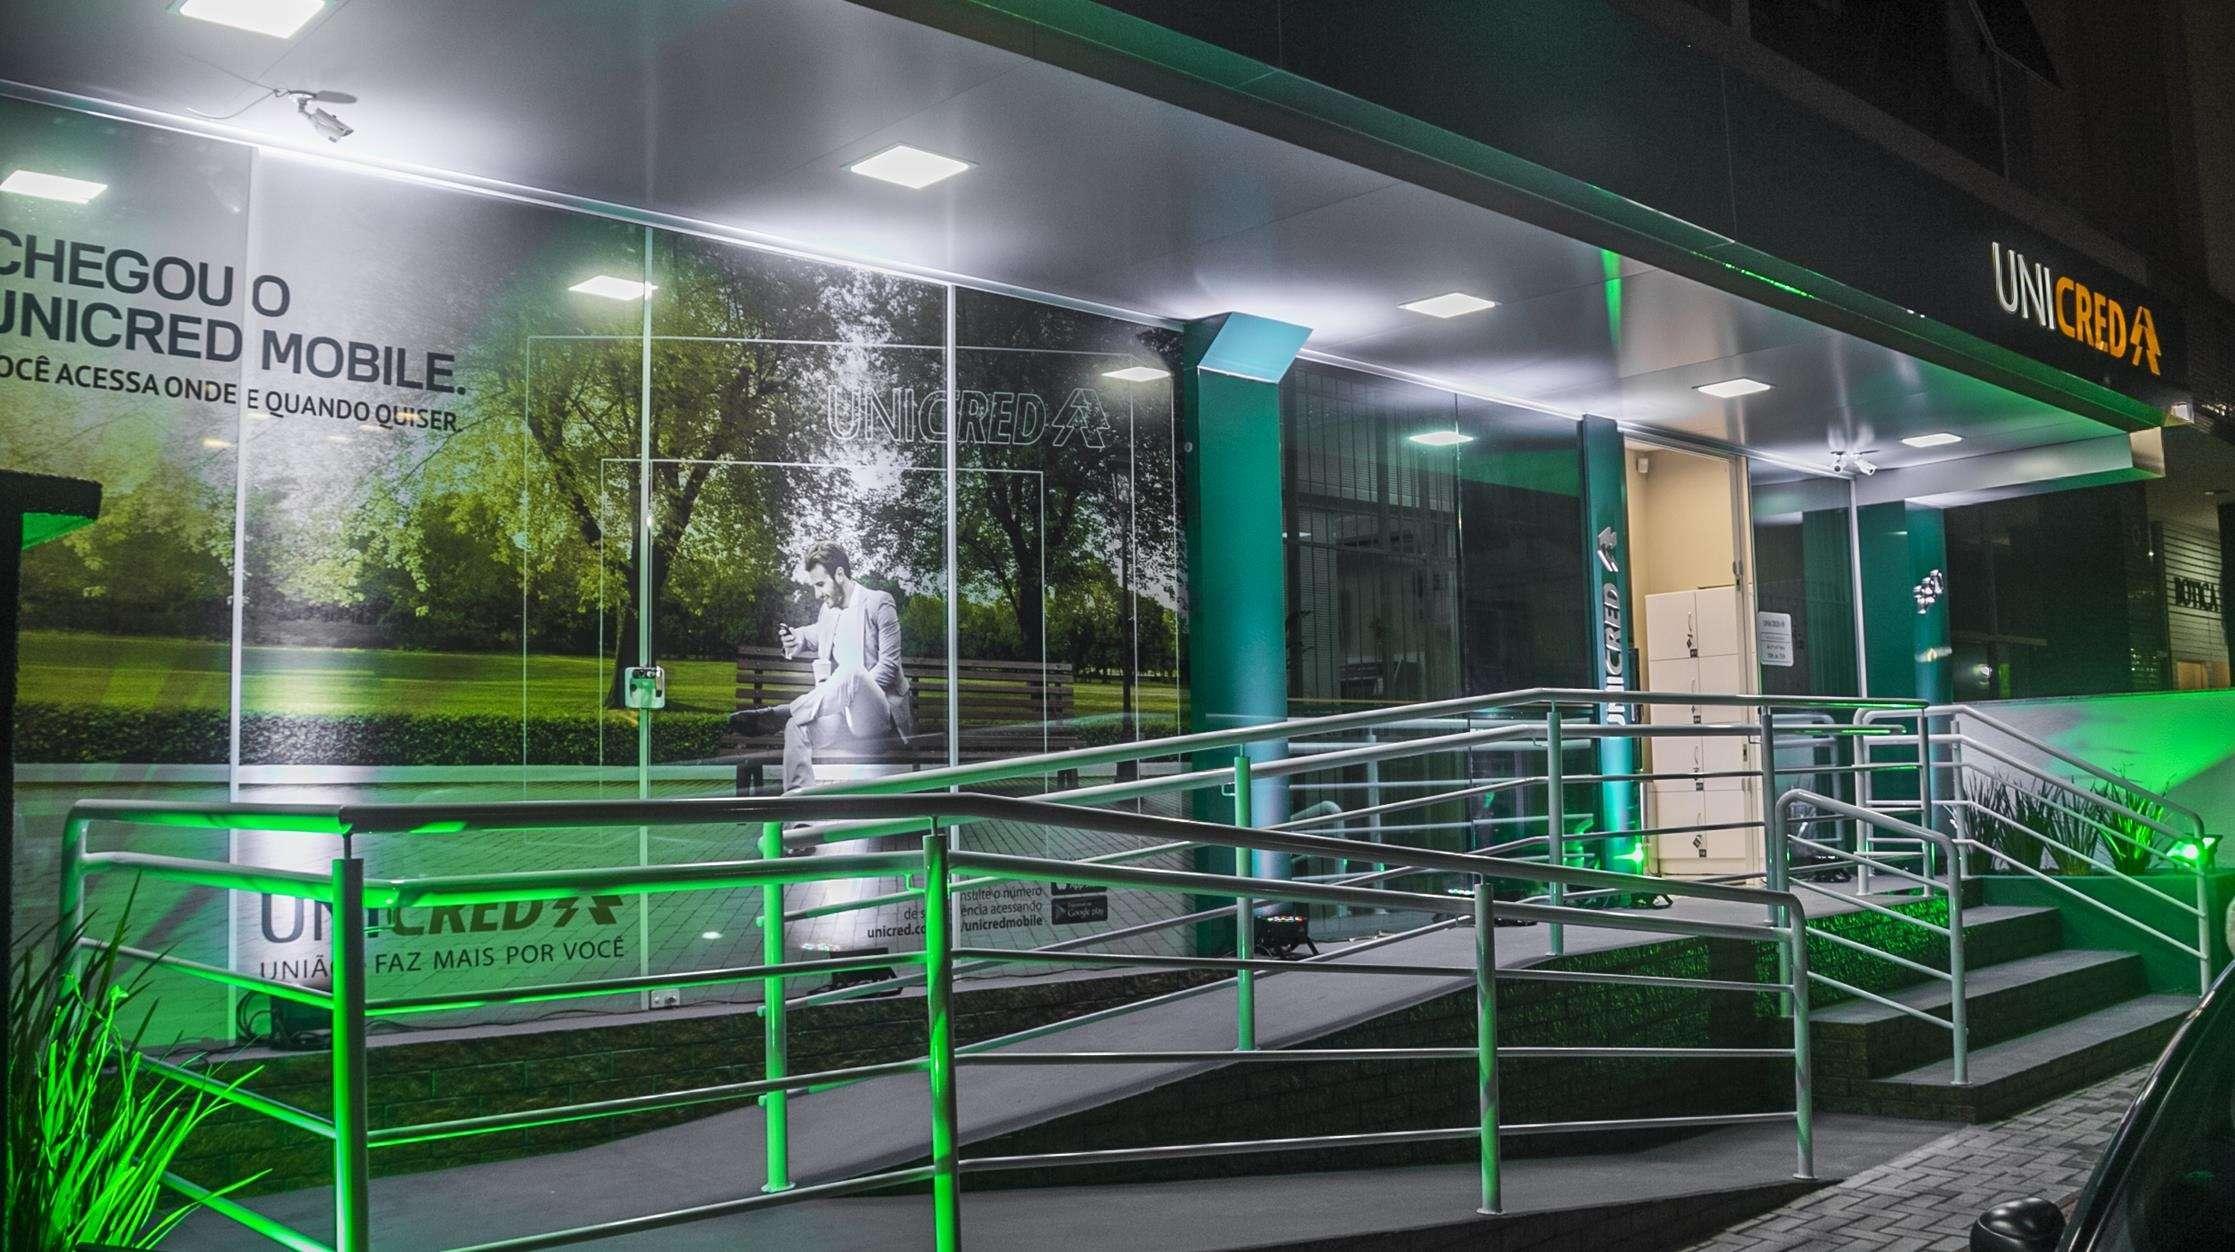 Foto de Nova agência daUnicredUnião inaugura em BC